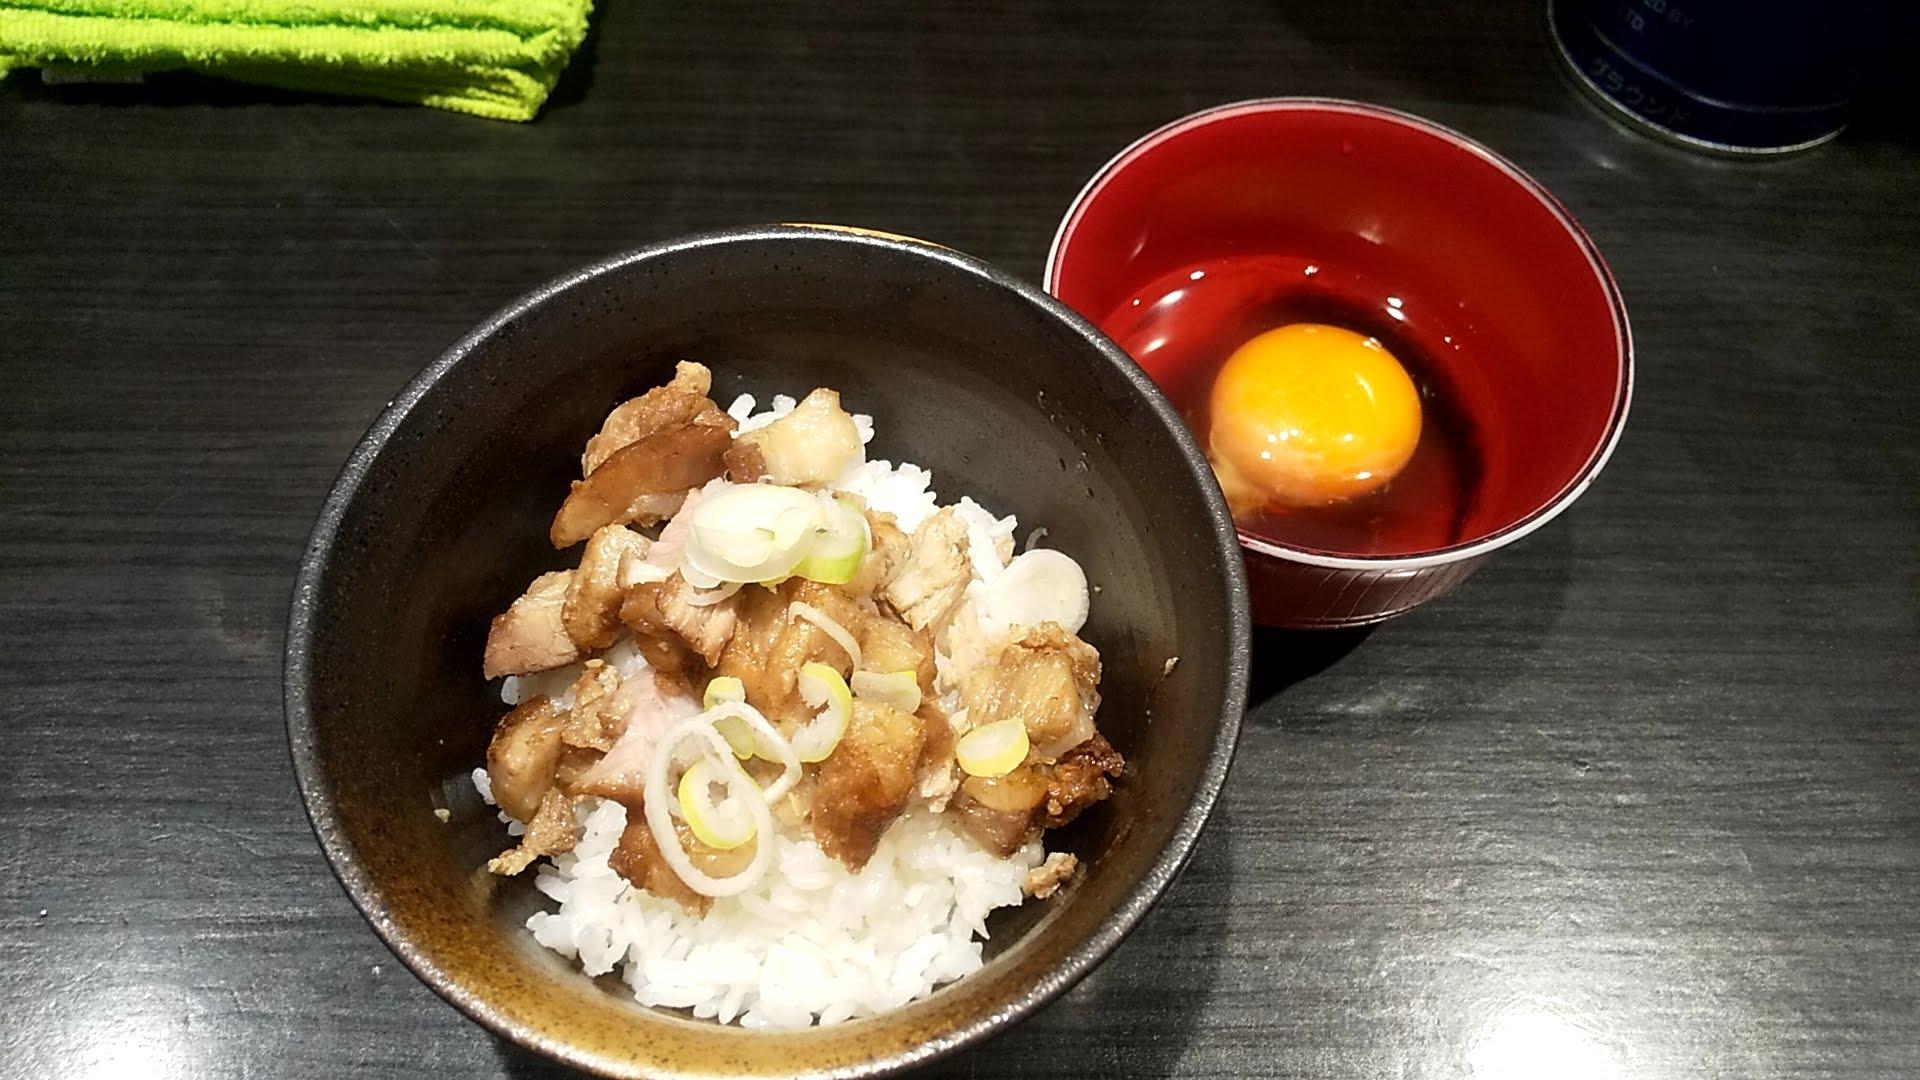 伊藤銀座店の卵かけご飯の写真